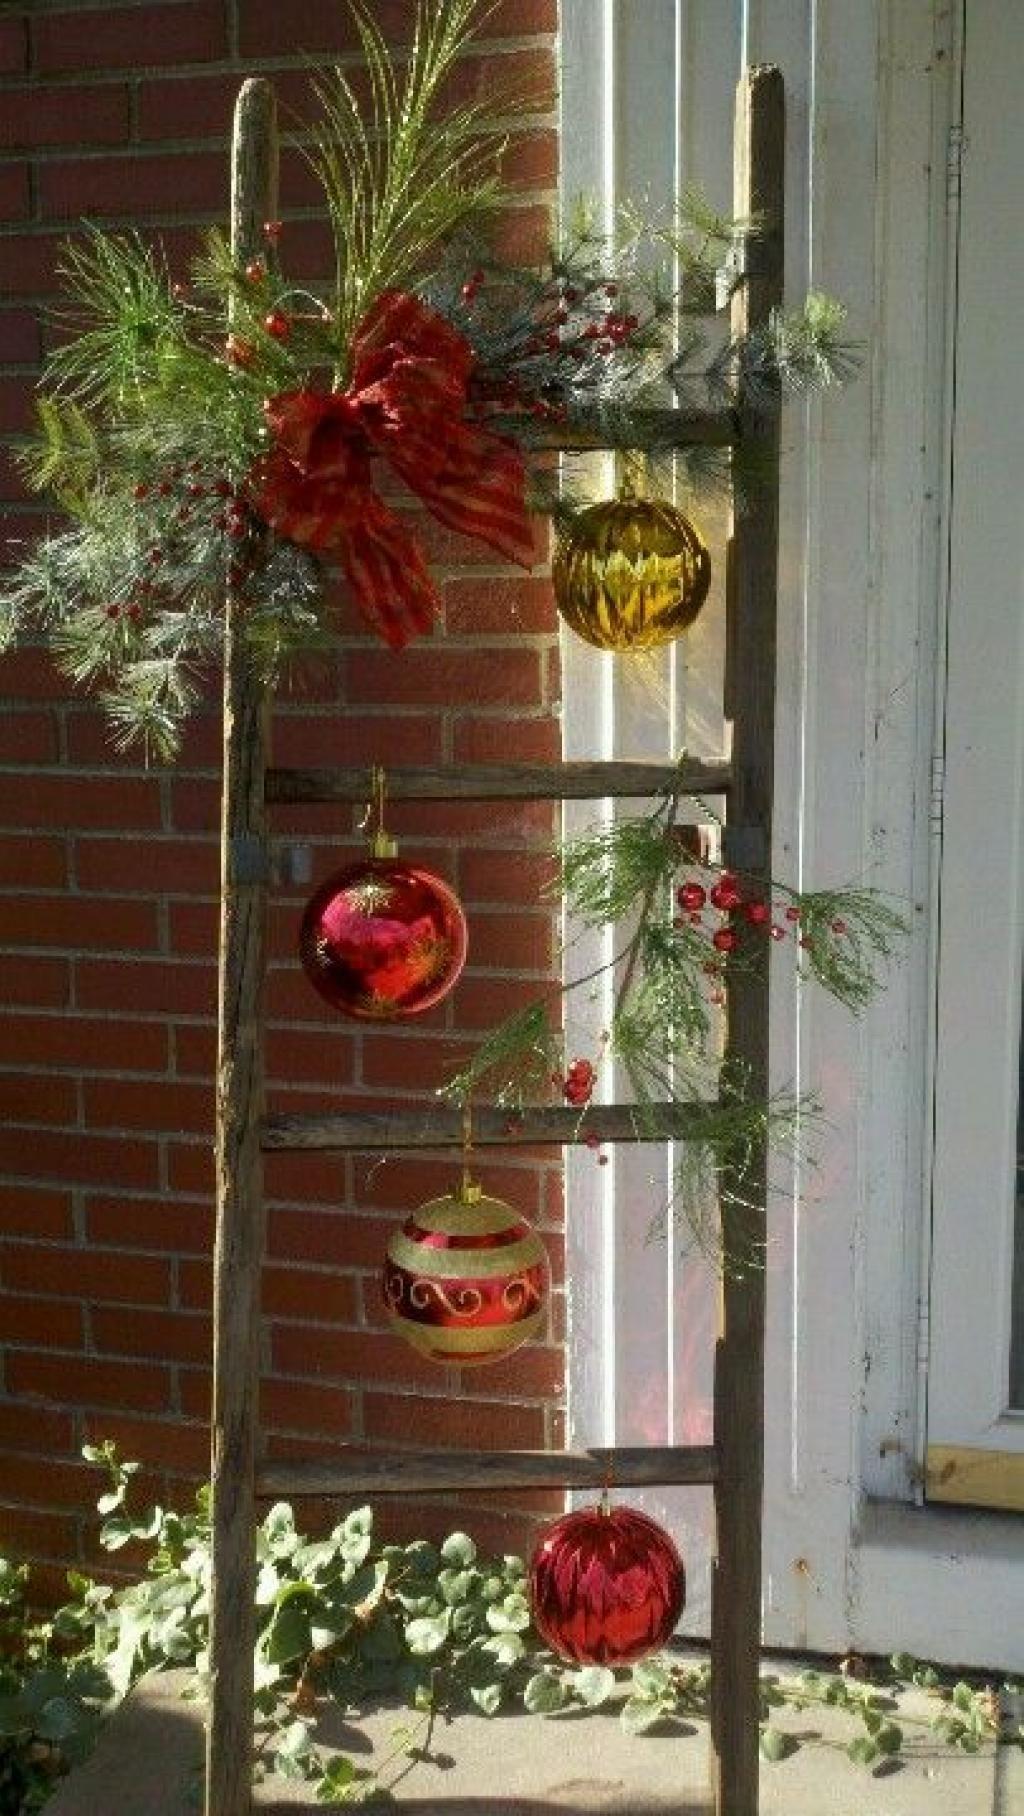 20 belles idées pour décorer de façon magique l'extérieur de votre maison - Décorations - Trucs et Bricolages #decoratehome